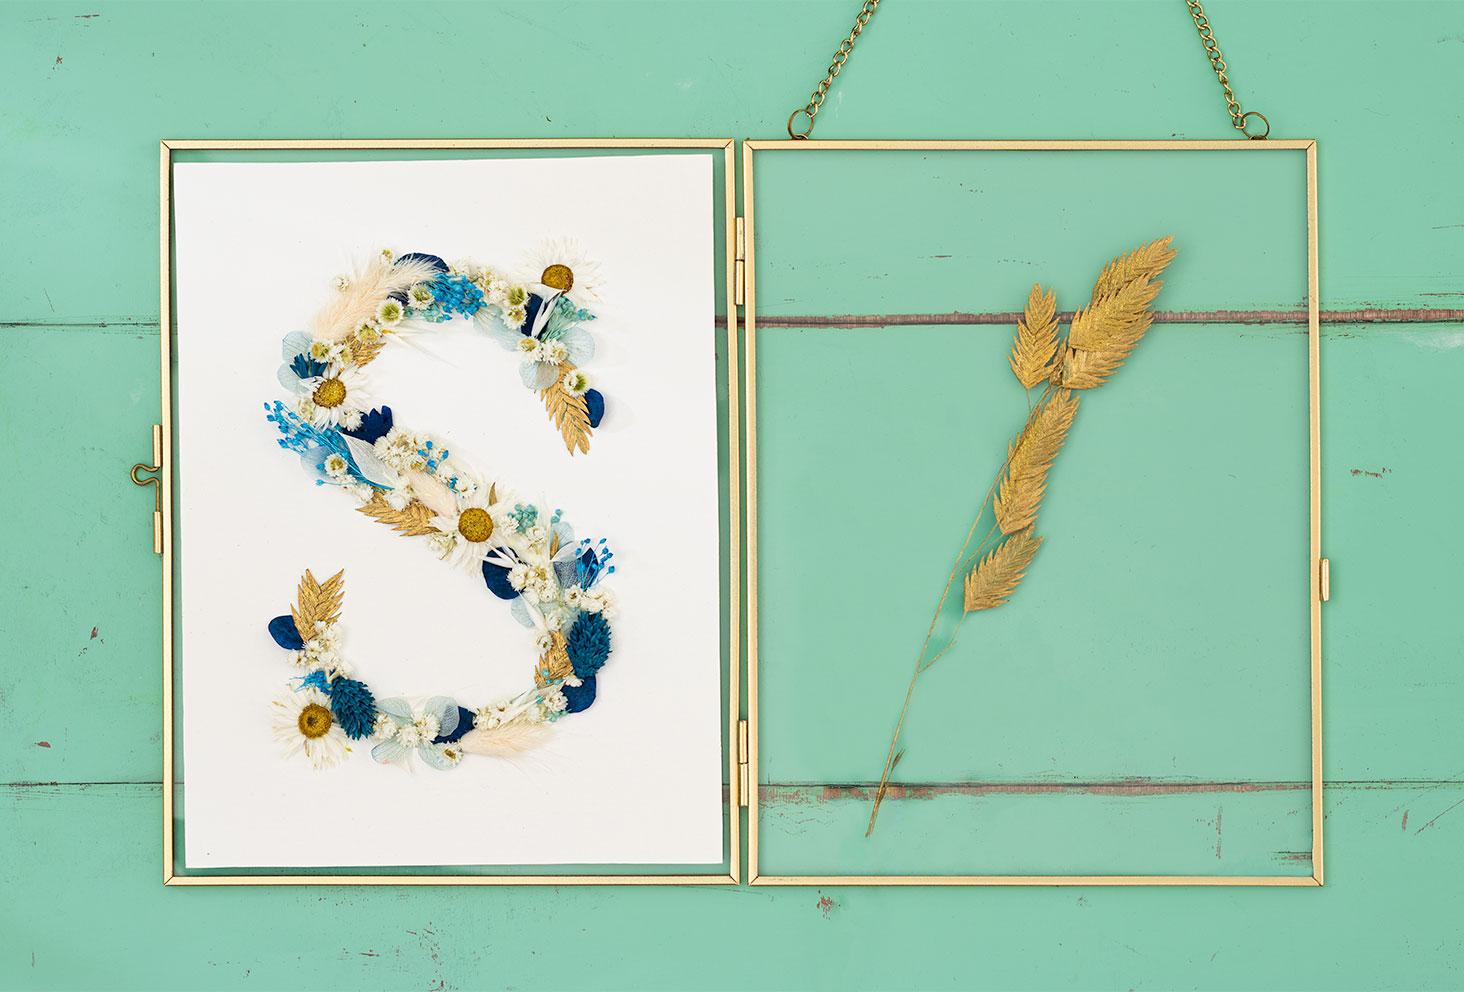 Résultat, posé sur un cadre doré ouvert, de la lettre S réalisée en fleurs séchées